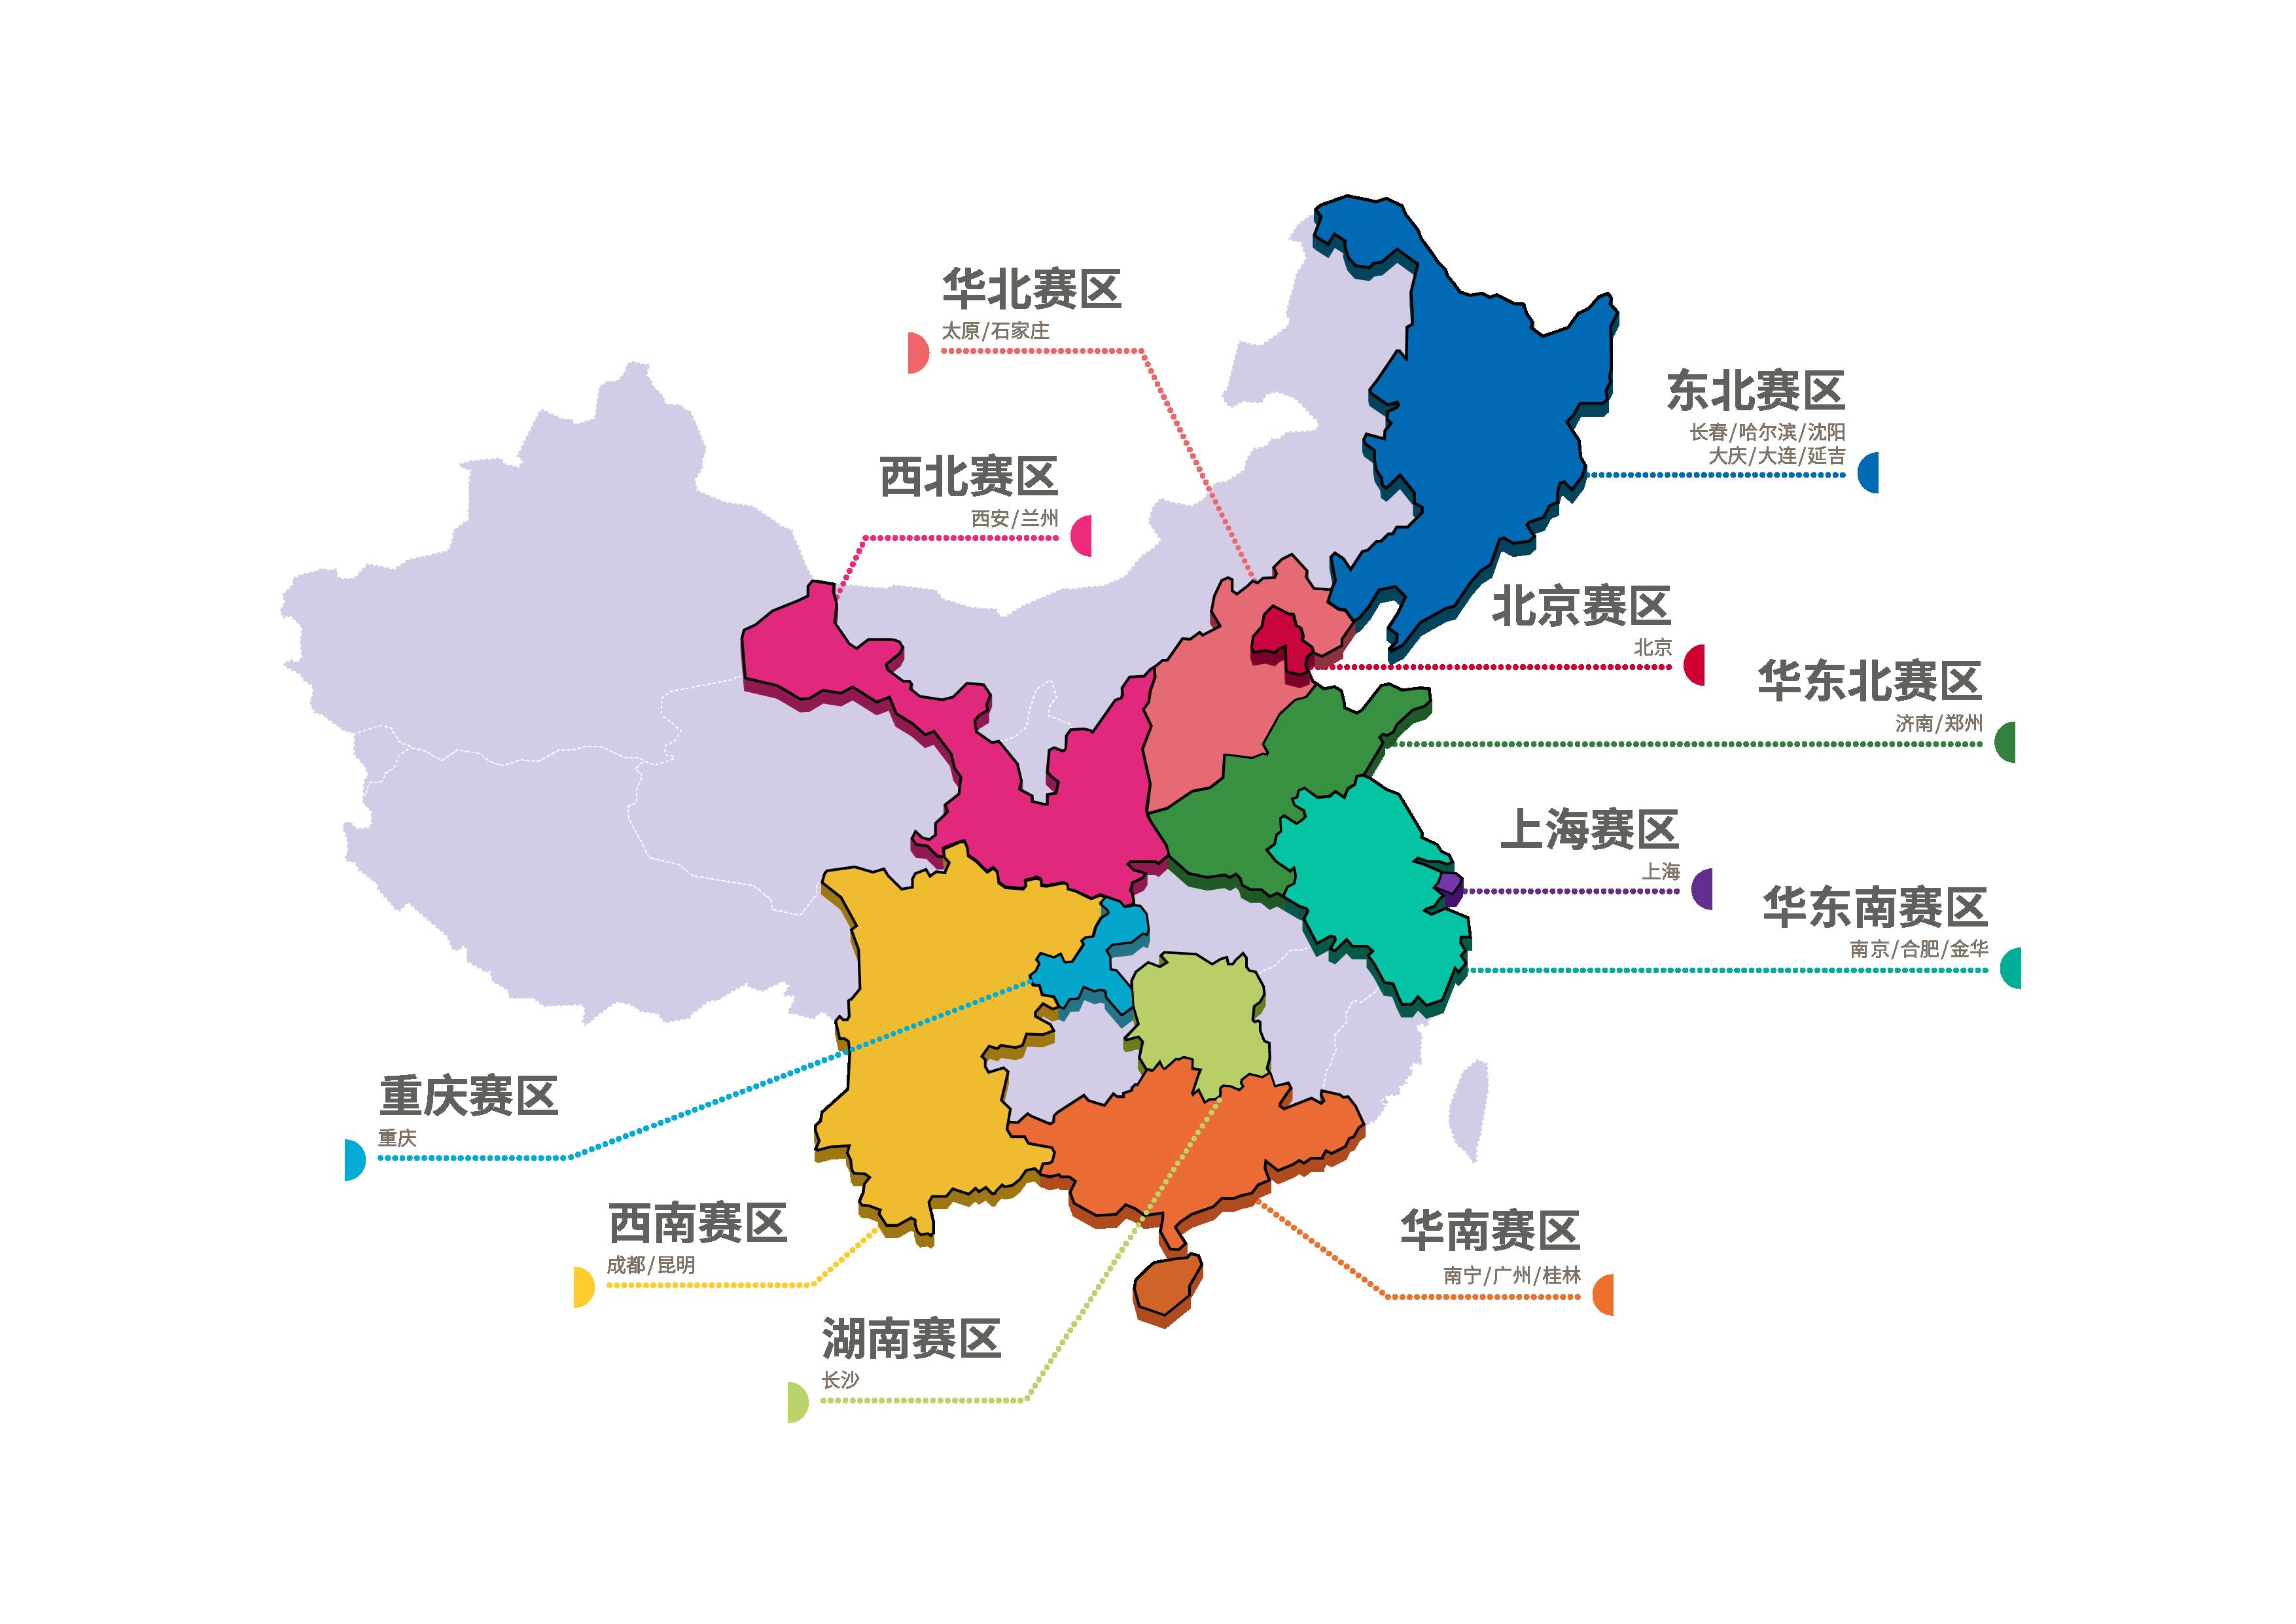 【漫展资讯】2020ChinaJoy超级联赛全国分赛区名单正式出炉